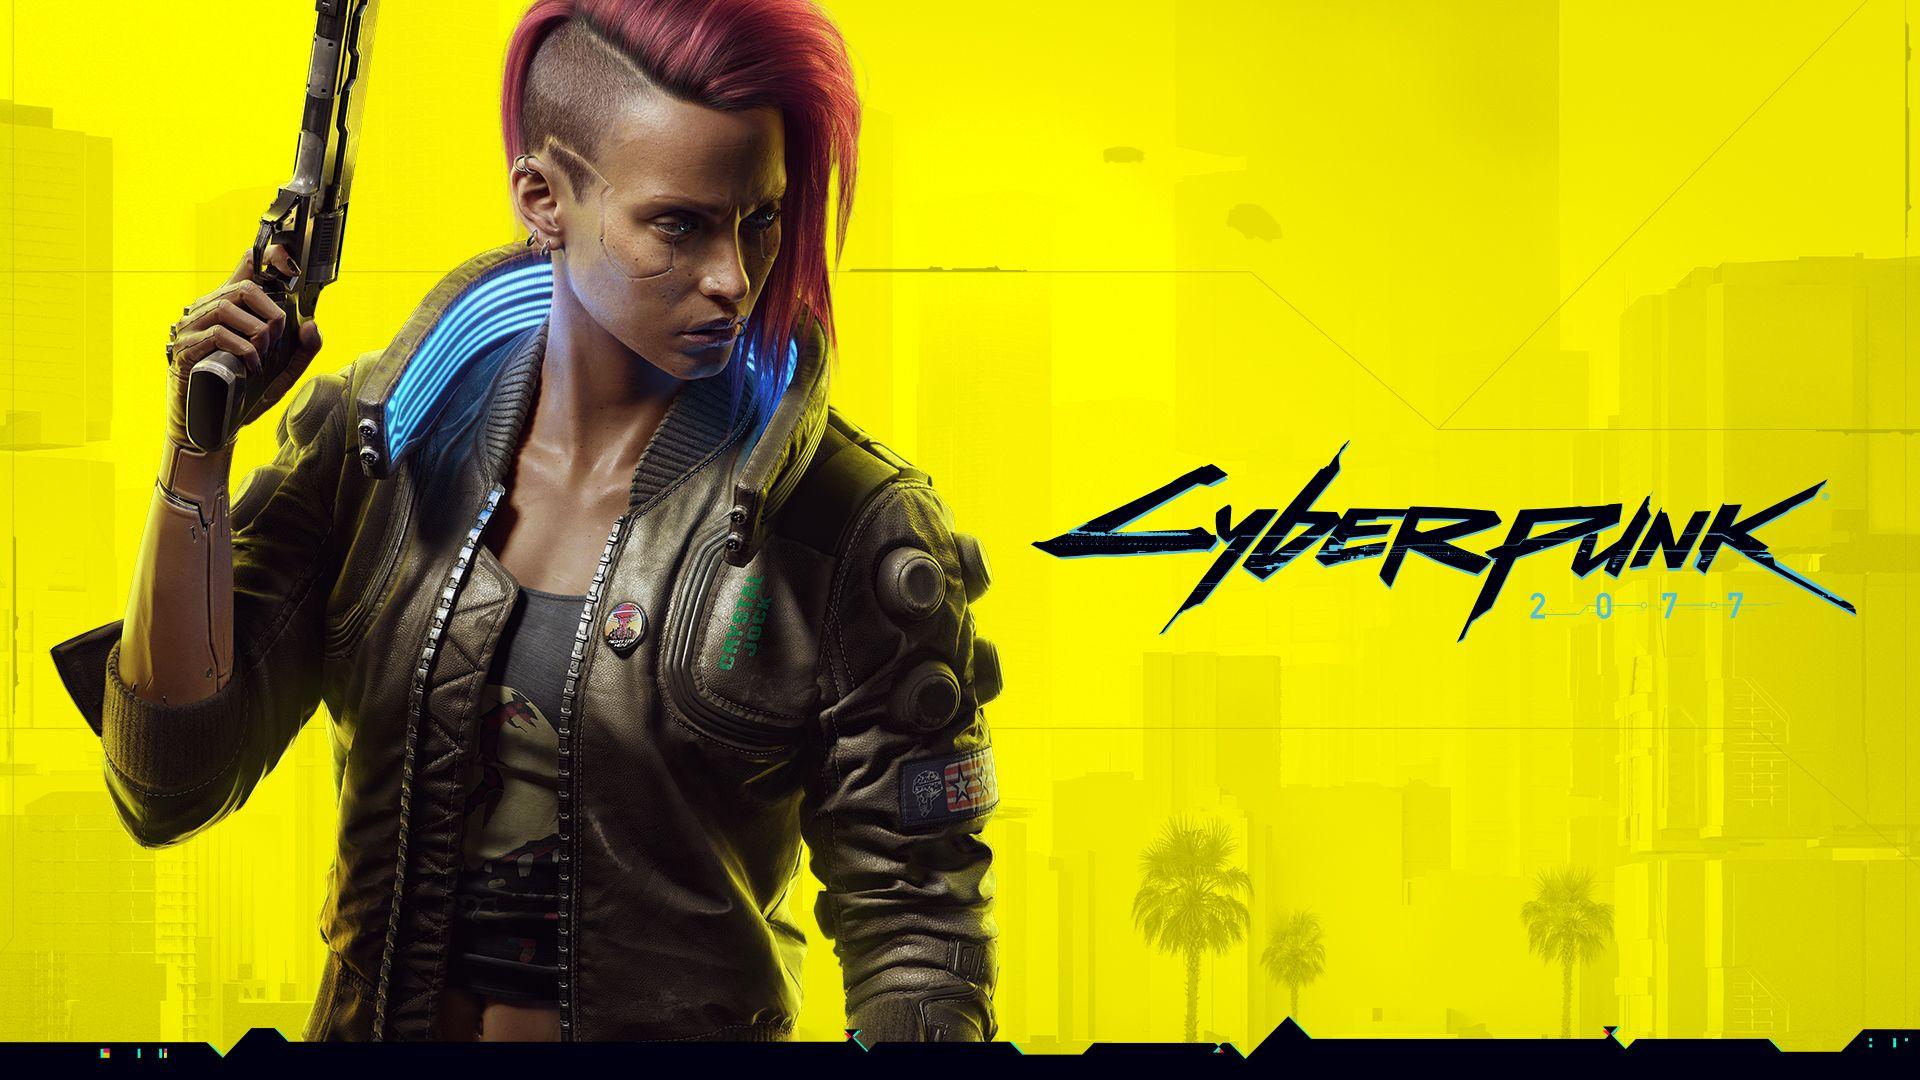 www.cyberpunk.net